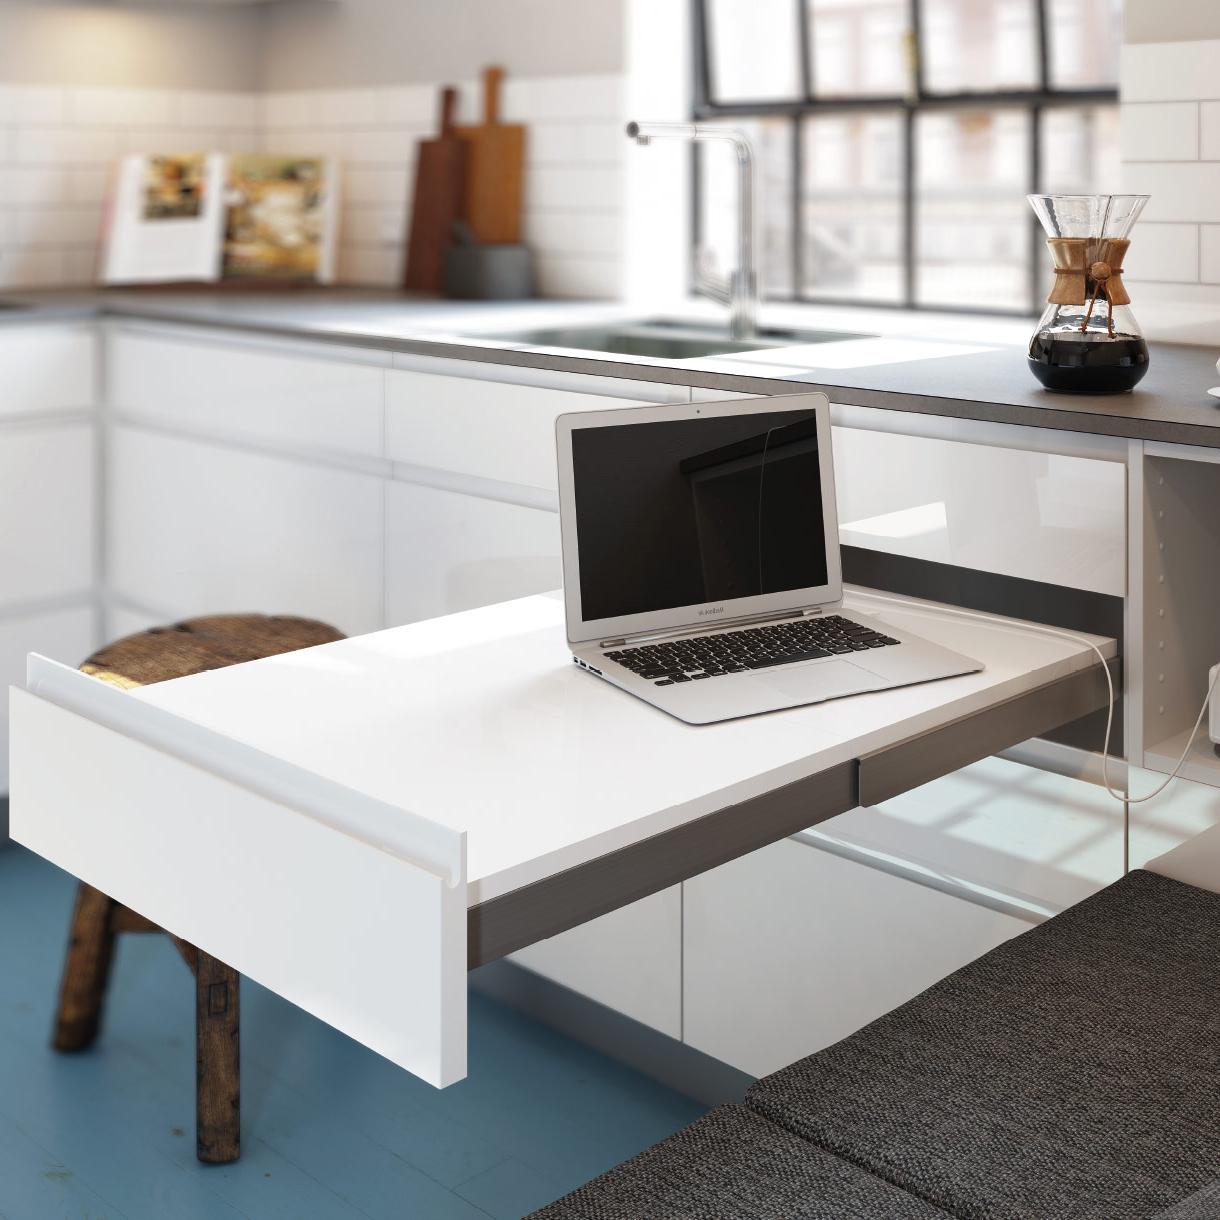 Mesa Extraible Cocina Rldj Linea Gloss Consigue Una Cocina Con Un Bonito Acabado Blanco Brillante